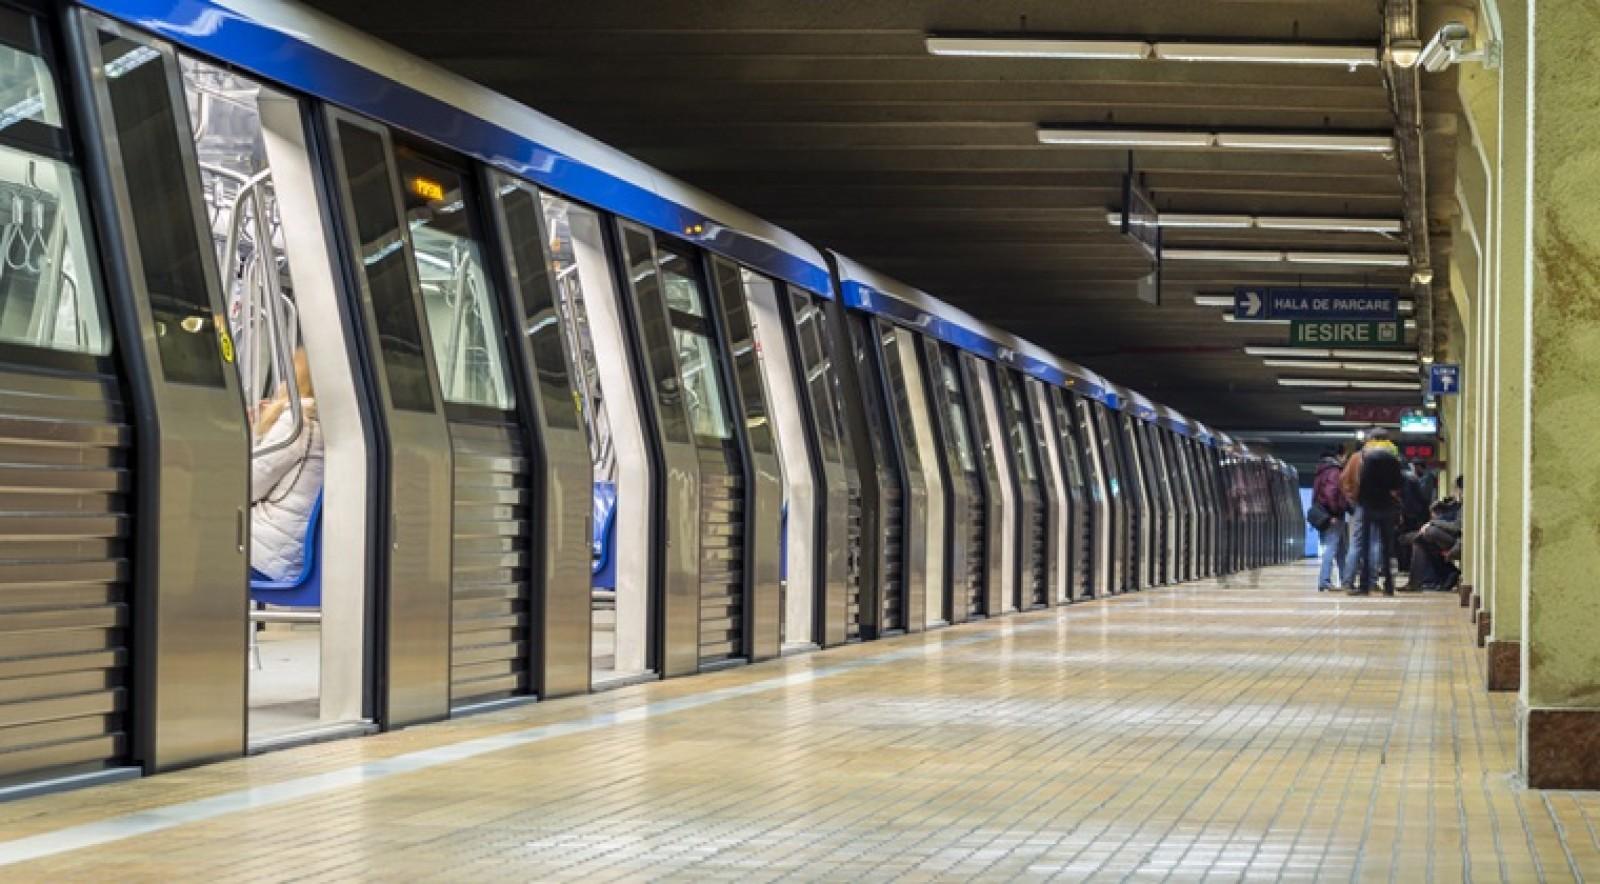 Când vor circula bucureştenii cu metroul pe Magistrala 5 Eroilor-Drumul Taberei? Conturile Metrorex, blocate